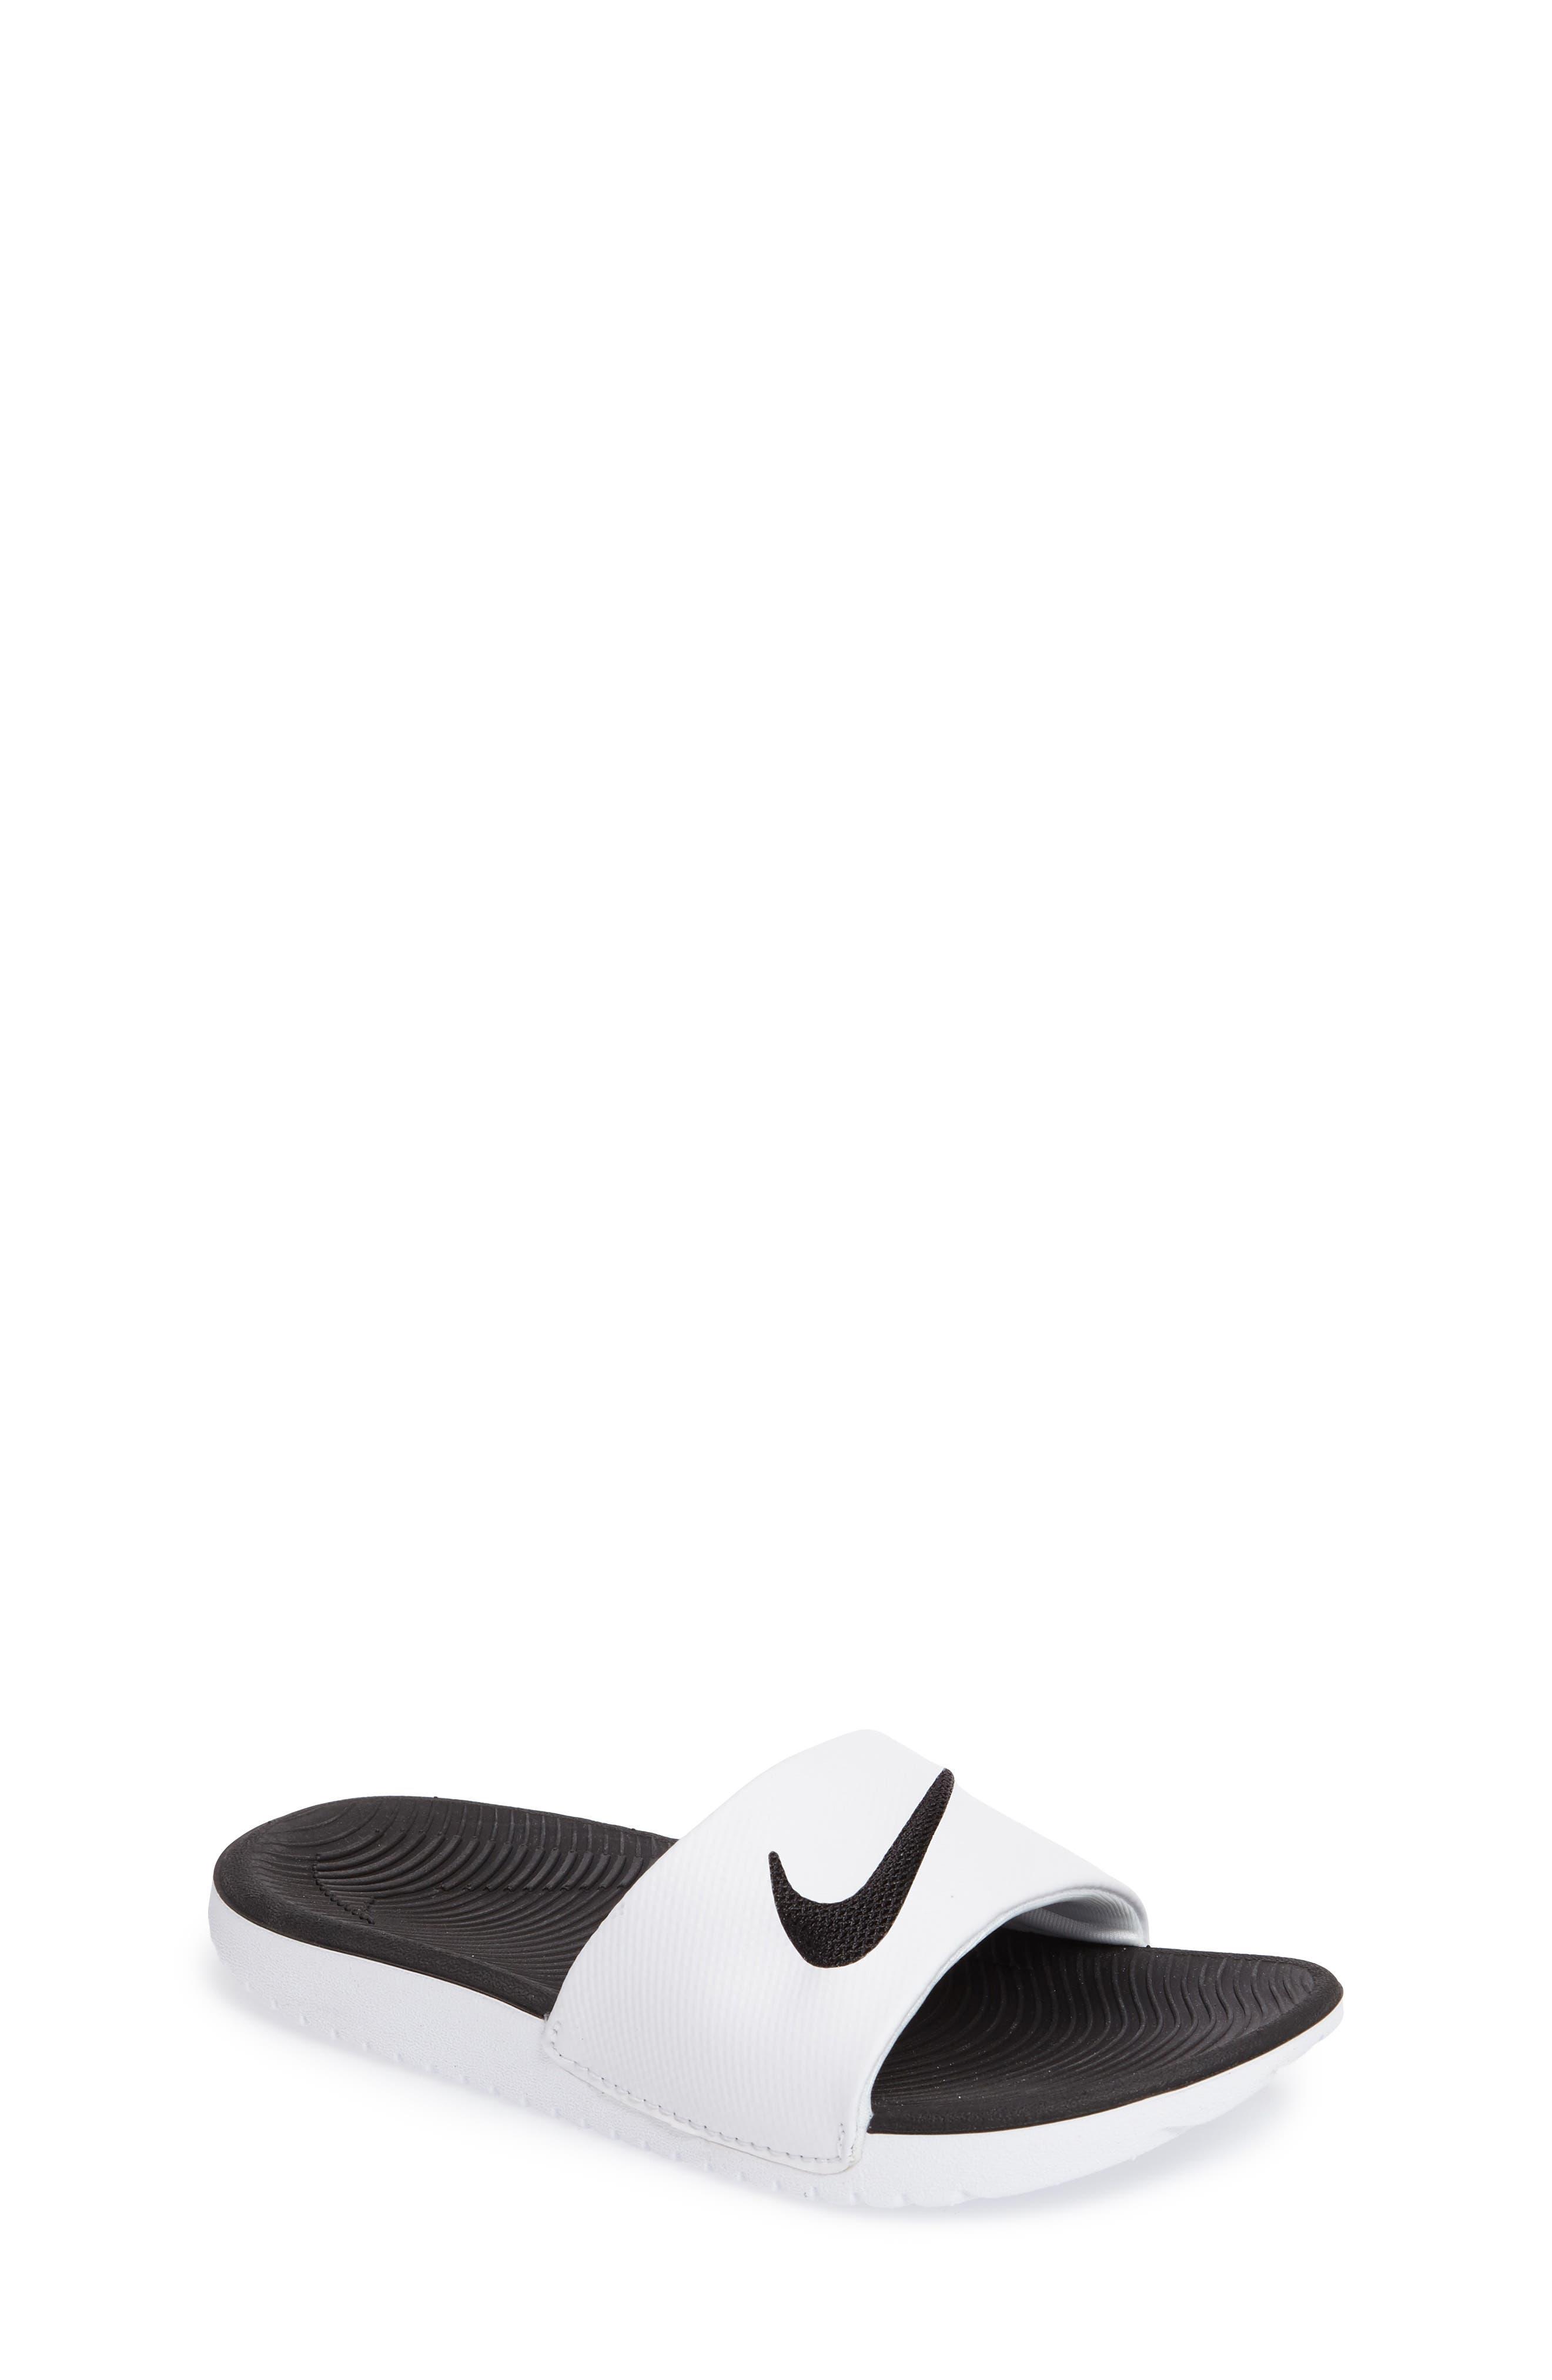 2b56fb33ab21c6 Kids  Nike Shoes